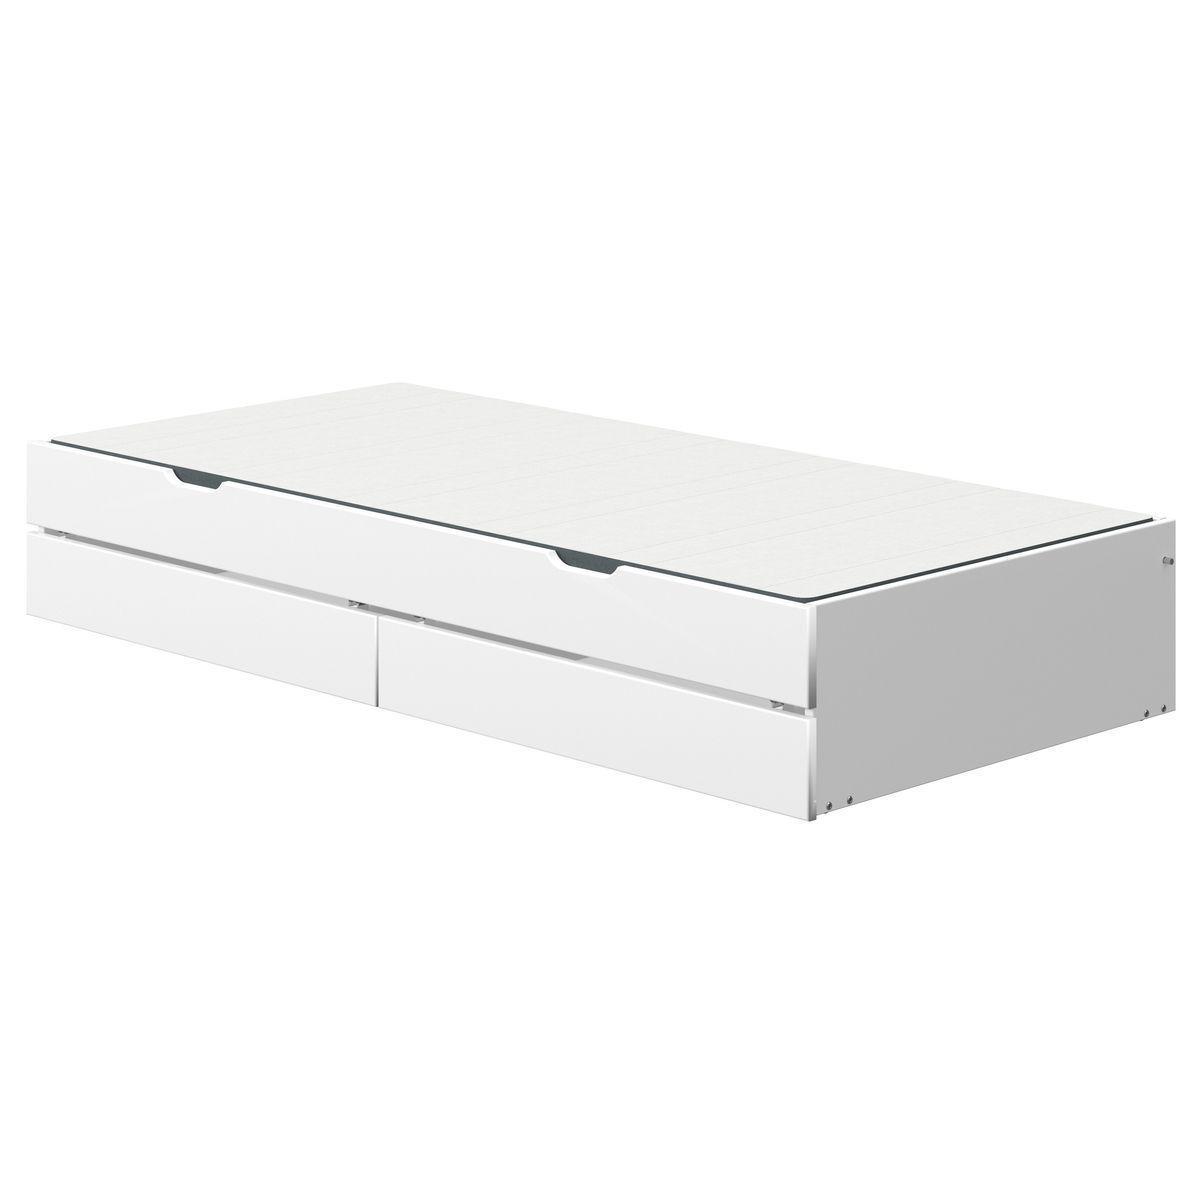 Cama nido-2 cajones 200cm NOR Flexa blanco